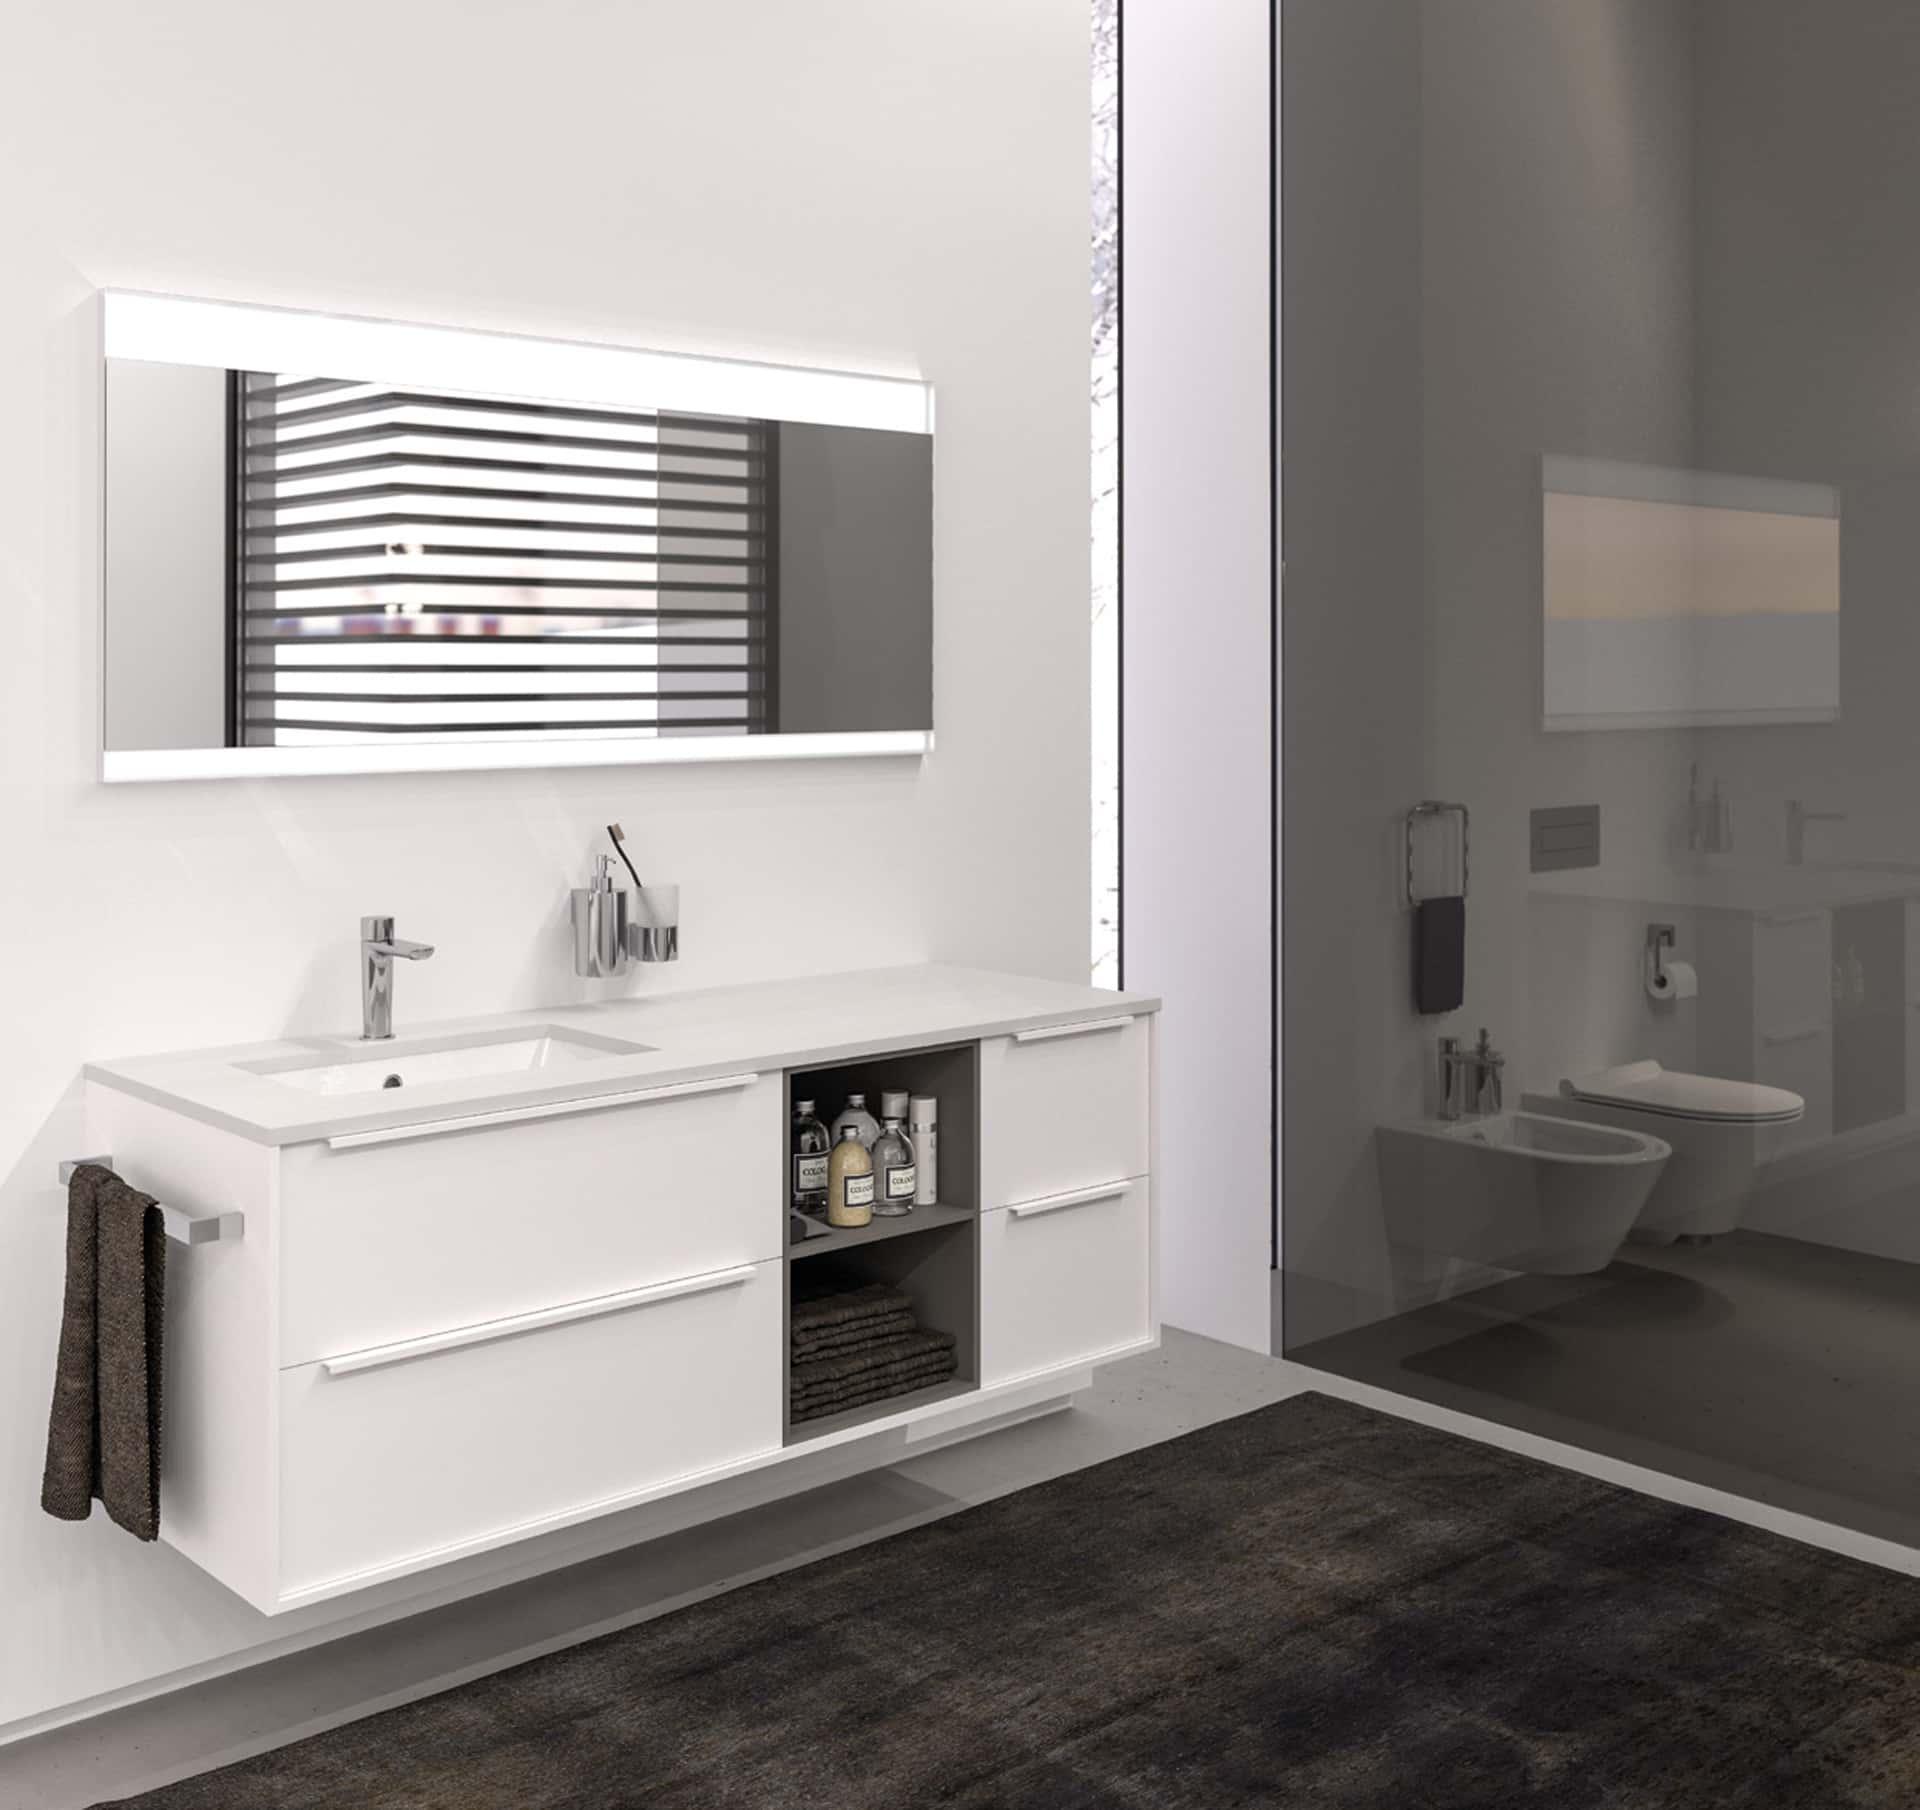 Colori parete cucina classica - Berloni bagno prezzi ...